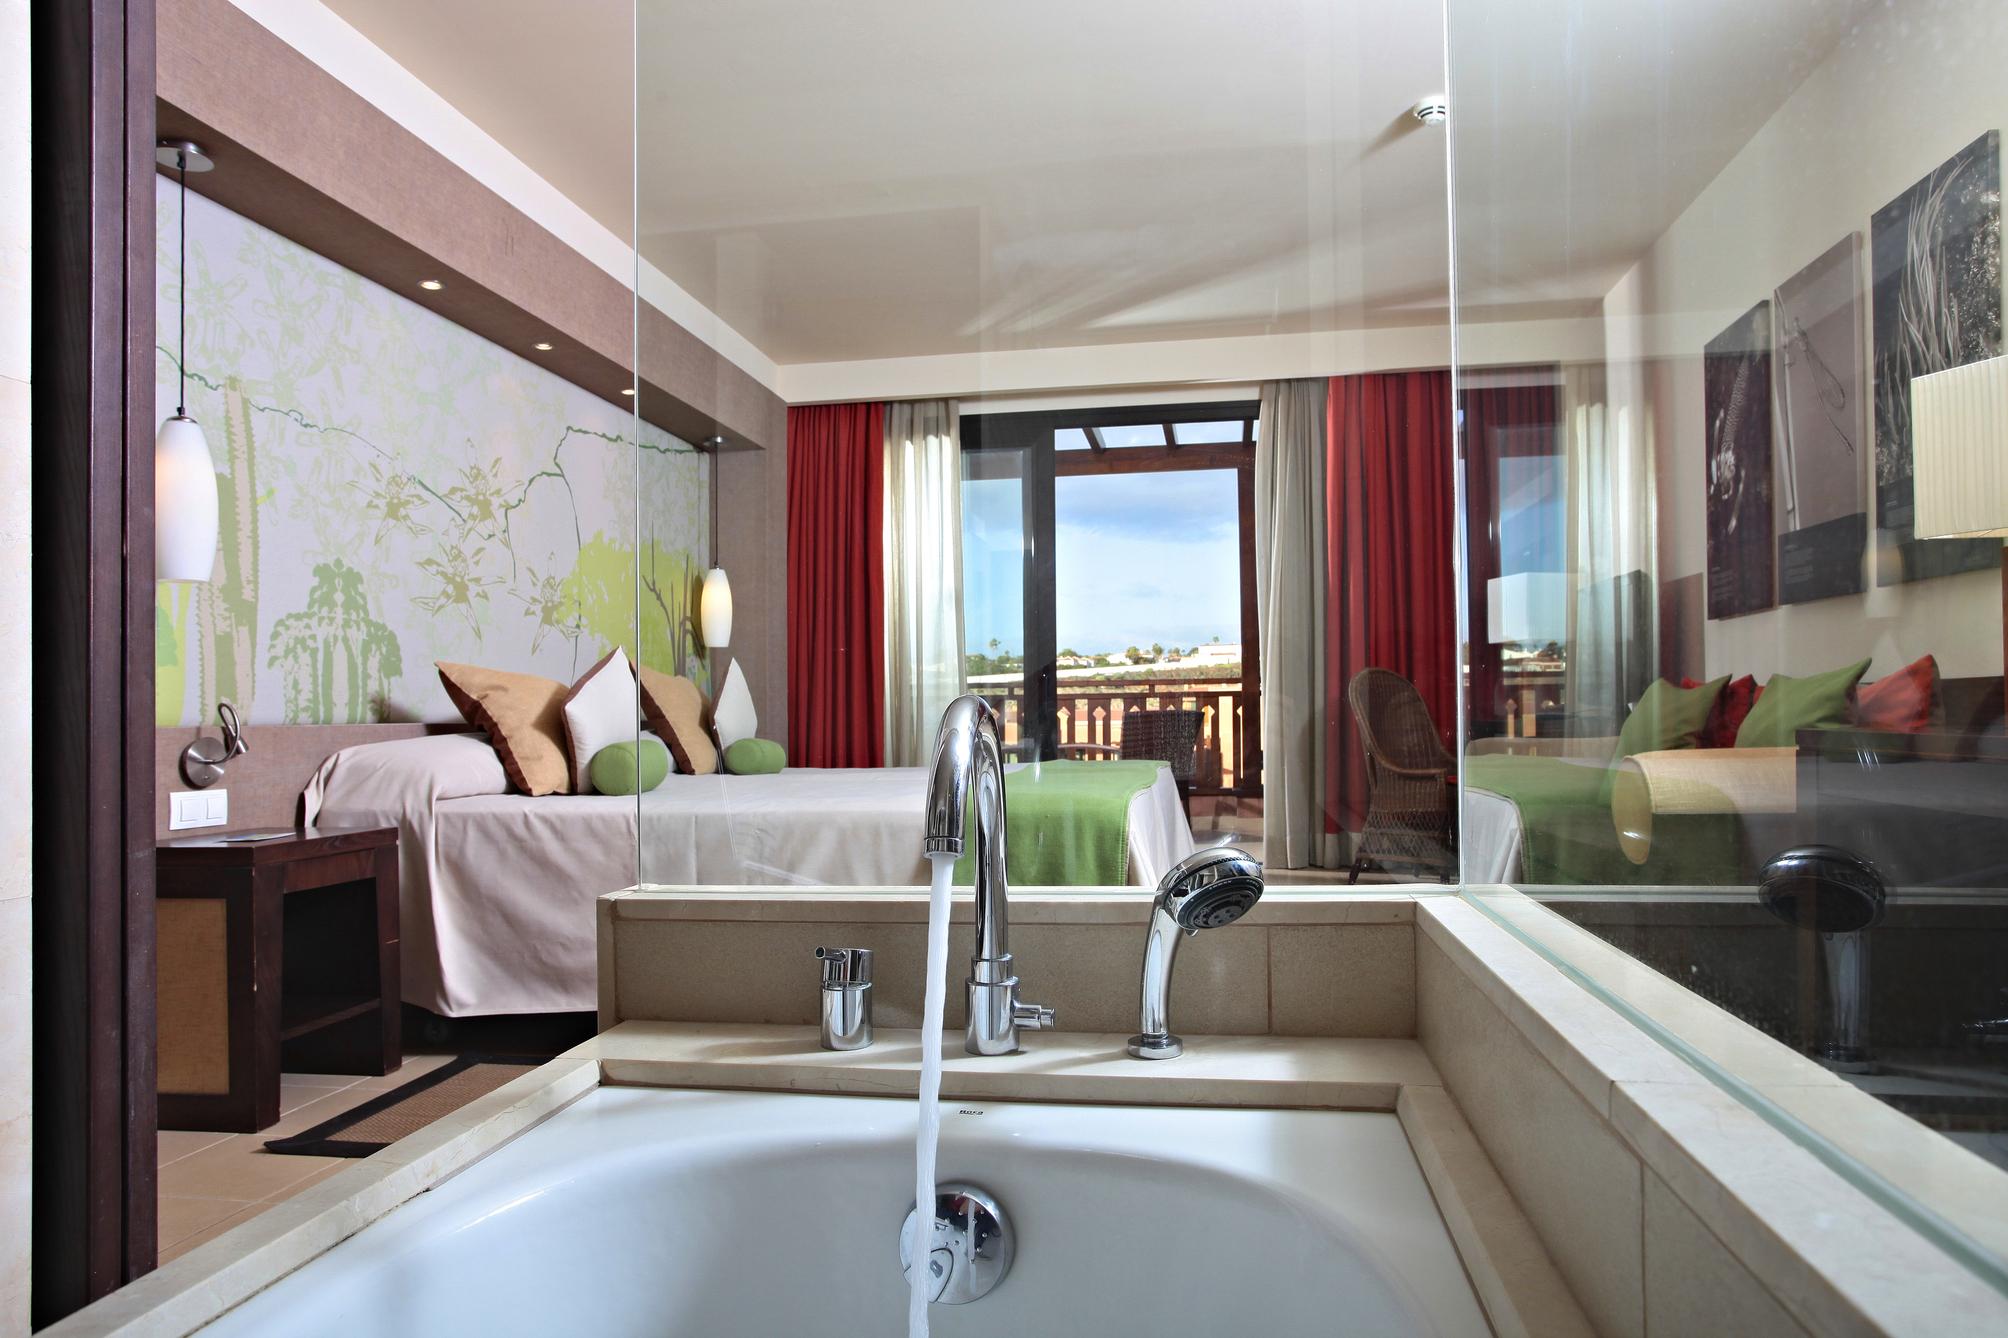 Baño Turco San Miguel:Hotel Sandos San Blas Nature Resort & Golf en San Miguel De Abona